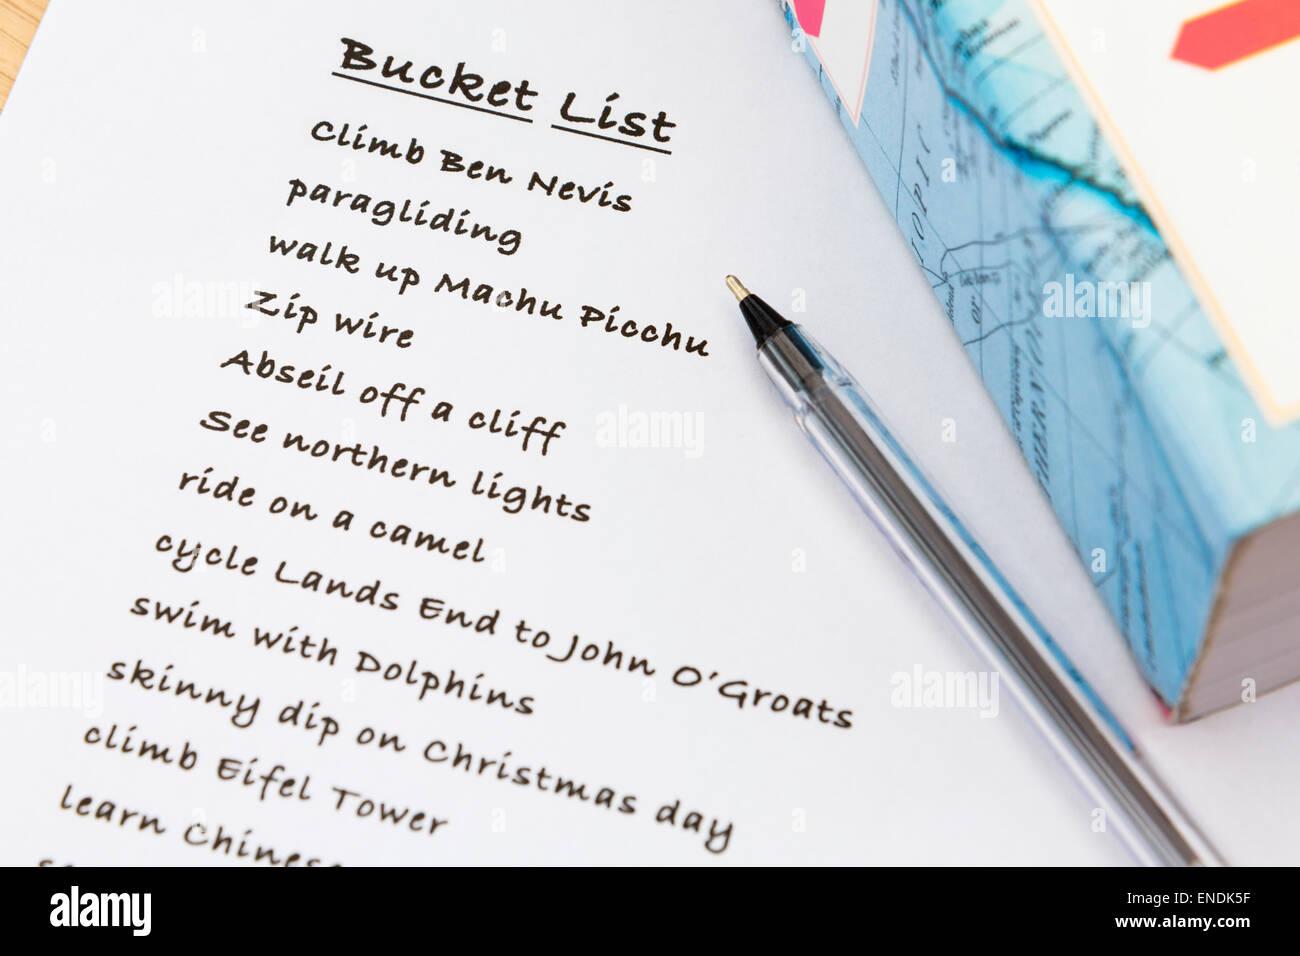 Una persona inglesa que hacer lista de ideas planes escritos en una nota de papel blanco con un lápiz negro Imagen De Stock